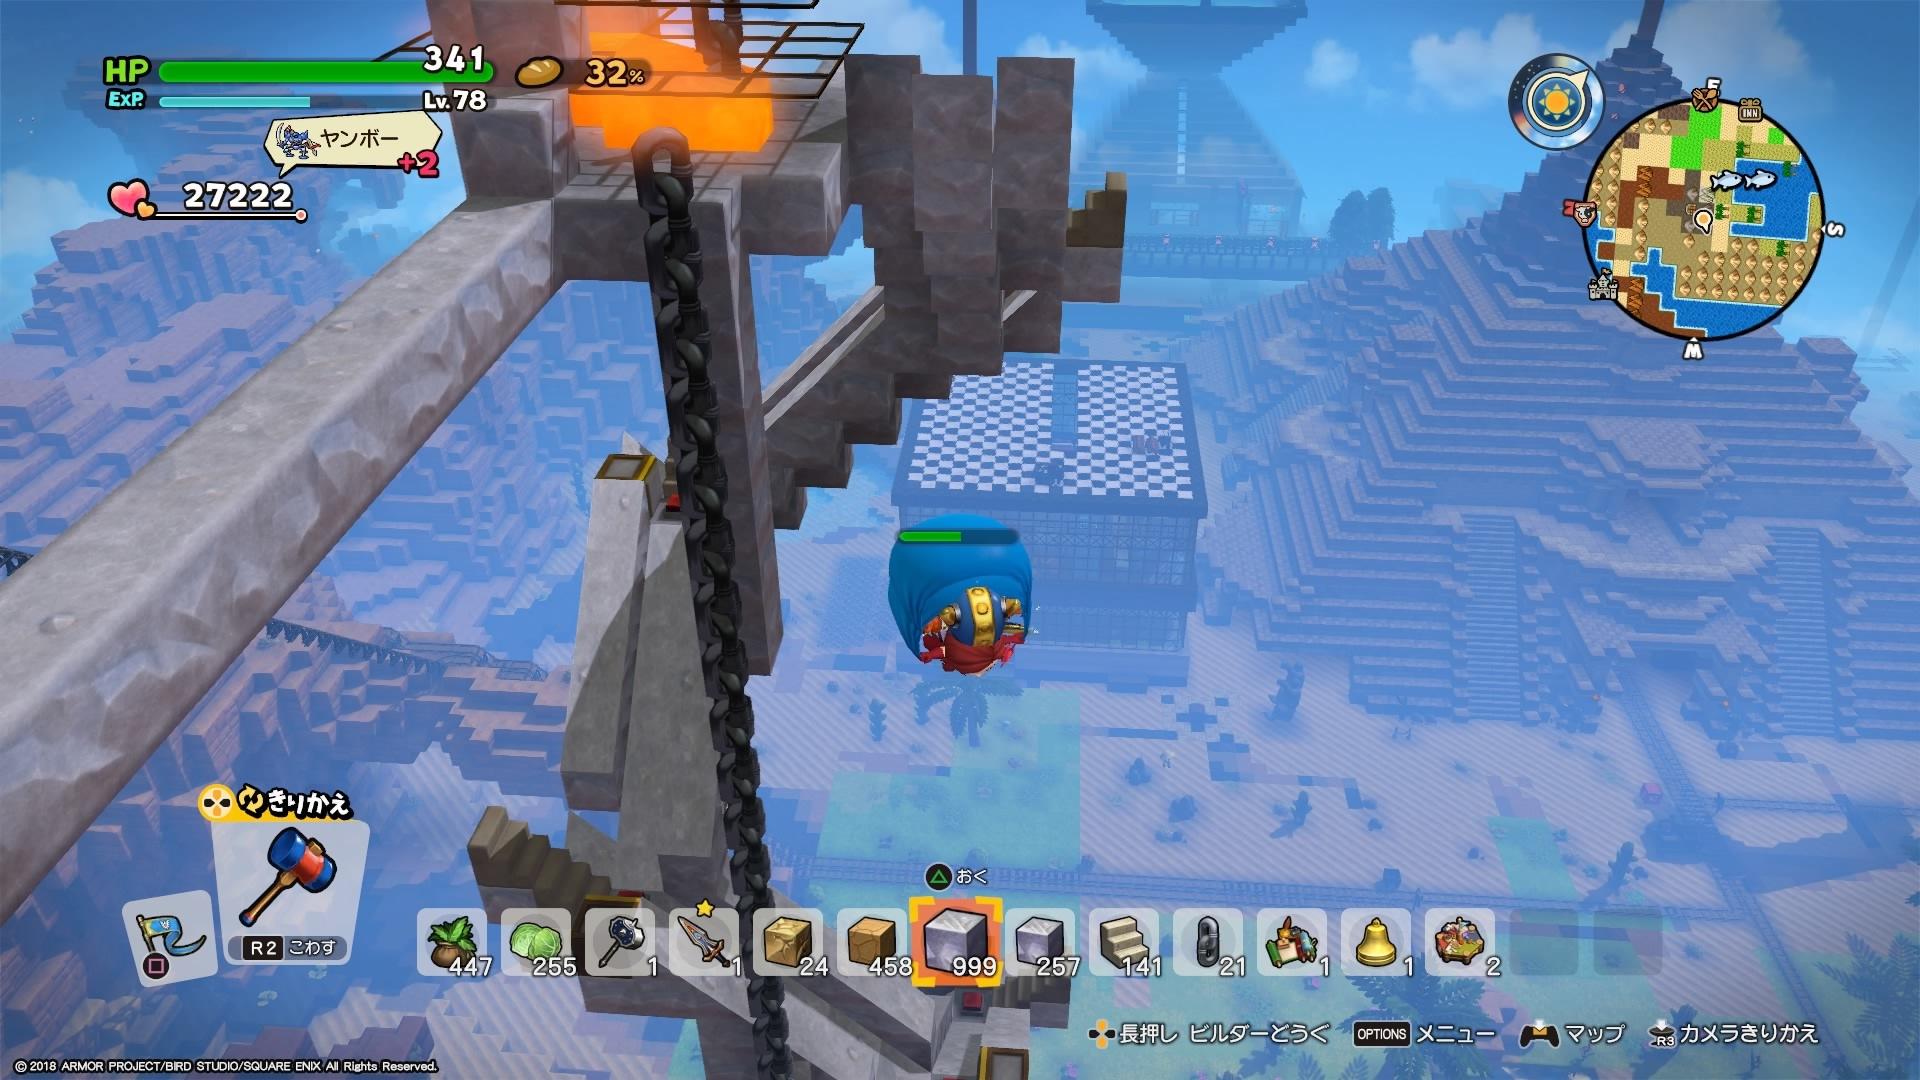 ドラゴンクエストビルダーズ2 破壊神シドーとからっぽの島_20190715121820